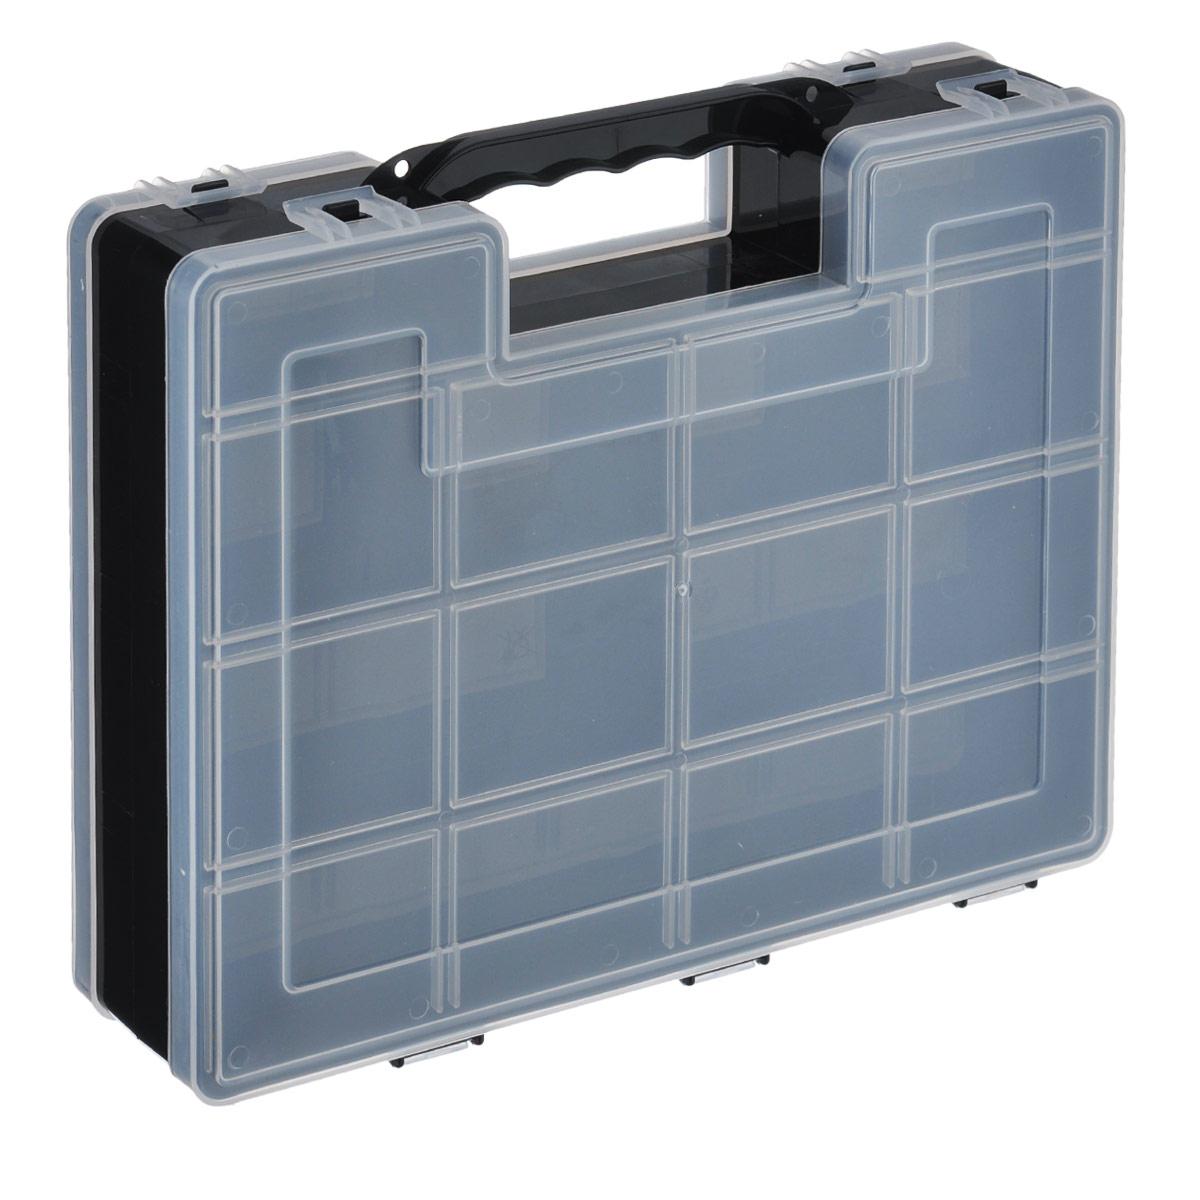 Органайзер для инструментов Idea, двухсторонний, цвет: черный, 27,2 см х 21,7 см х 6,7 смМ 2956Двухсторонний органайзер Idea, изготовленный из пластика, выполнен в форме кейса. Органайзер служит для хранения и переноски инструментов. Внутри - 14 отделений с одной стороны и 9 с другой. Органайзер надежно закрывается при помощи пластмассовых защелок. Крышка выполнена из прозрачного пластика, что позволяет видеть содержимое. Размеры секций (лицевая сторона): - размер (12 секций): 6,6 см х 5,3 см х 3 см; - размер (2 секций): 8,1 см х 3,3 см х 3 см. Размеры секций (задняя сторона): - размер (2 секций): 13,2 см х 5,3 см х 3 см; - размер (1 секции): 26,6 см х 5,3 см х 3 см; - размер (4 секций): 6,6 см х 5,3 см х 3 см; - размер (2 секций): 8,1 см х 3,3 см х 3 см.